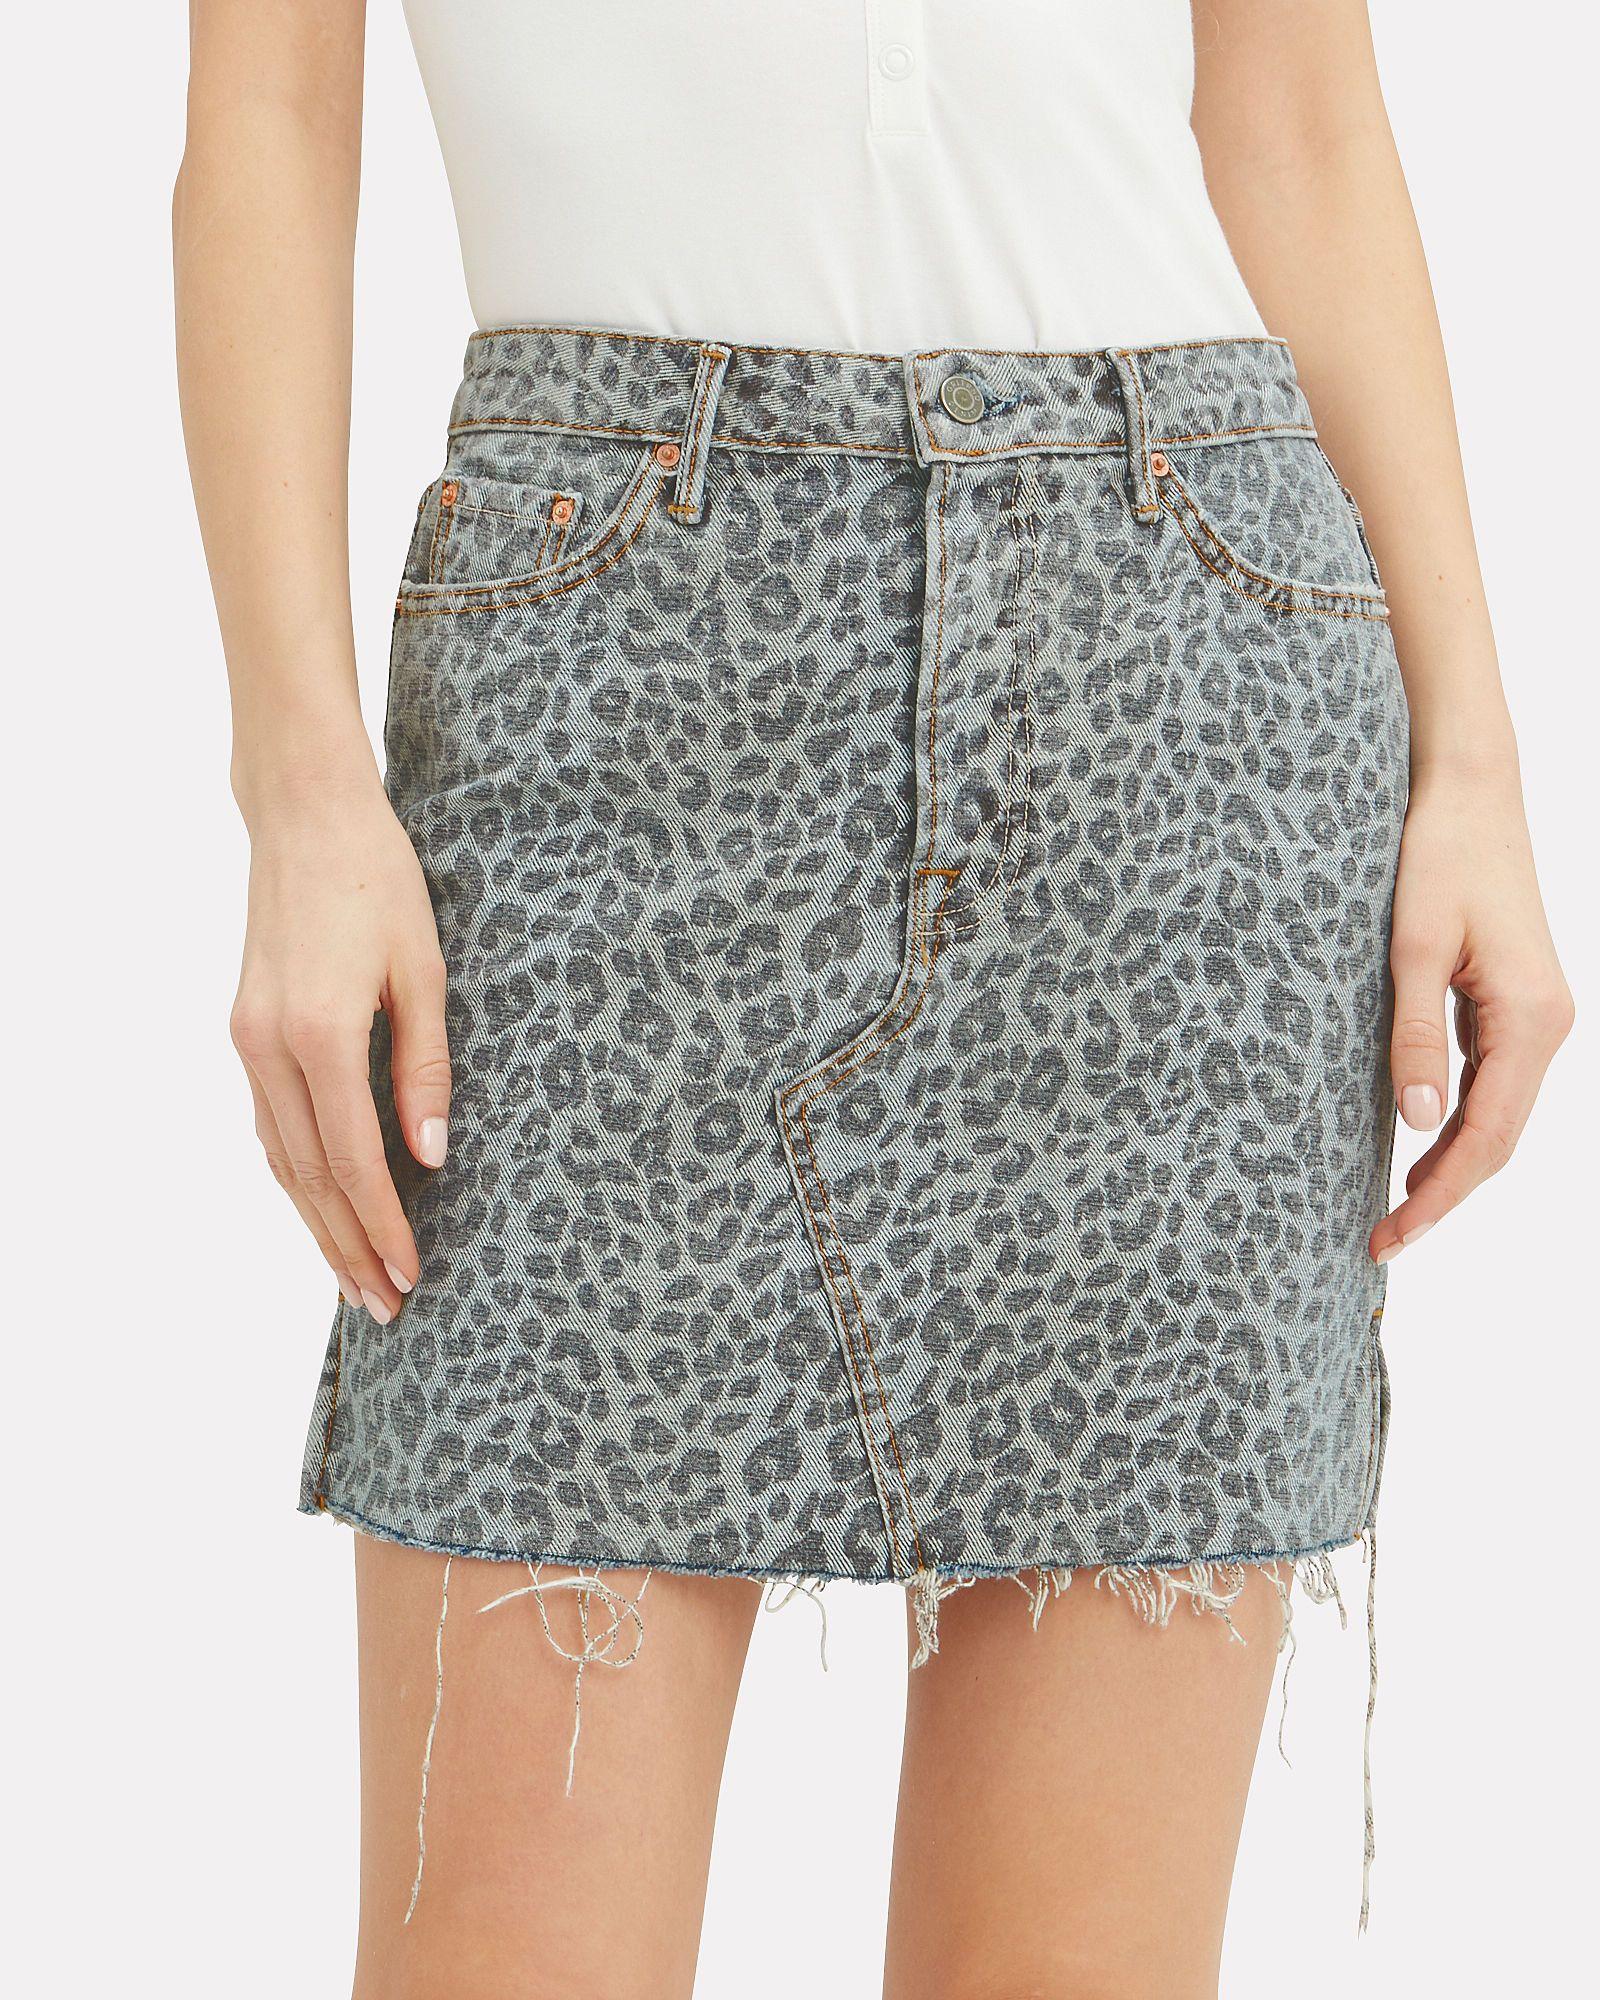 fe5b262723 Blaire Leopard Print Denim Mini Skirt   2019 resort summer & spring ...